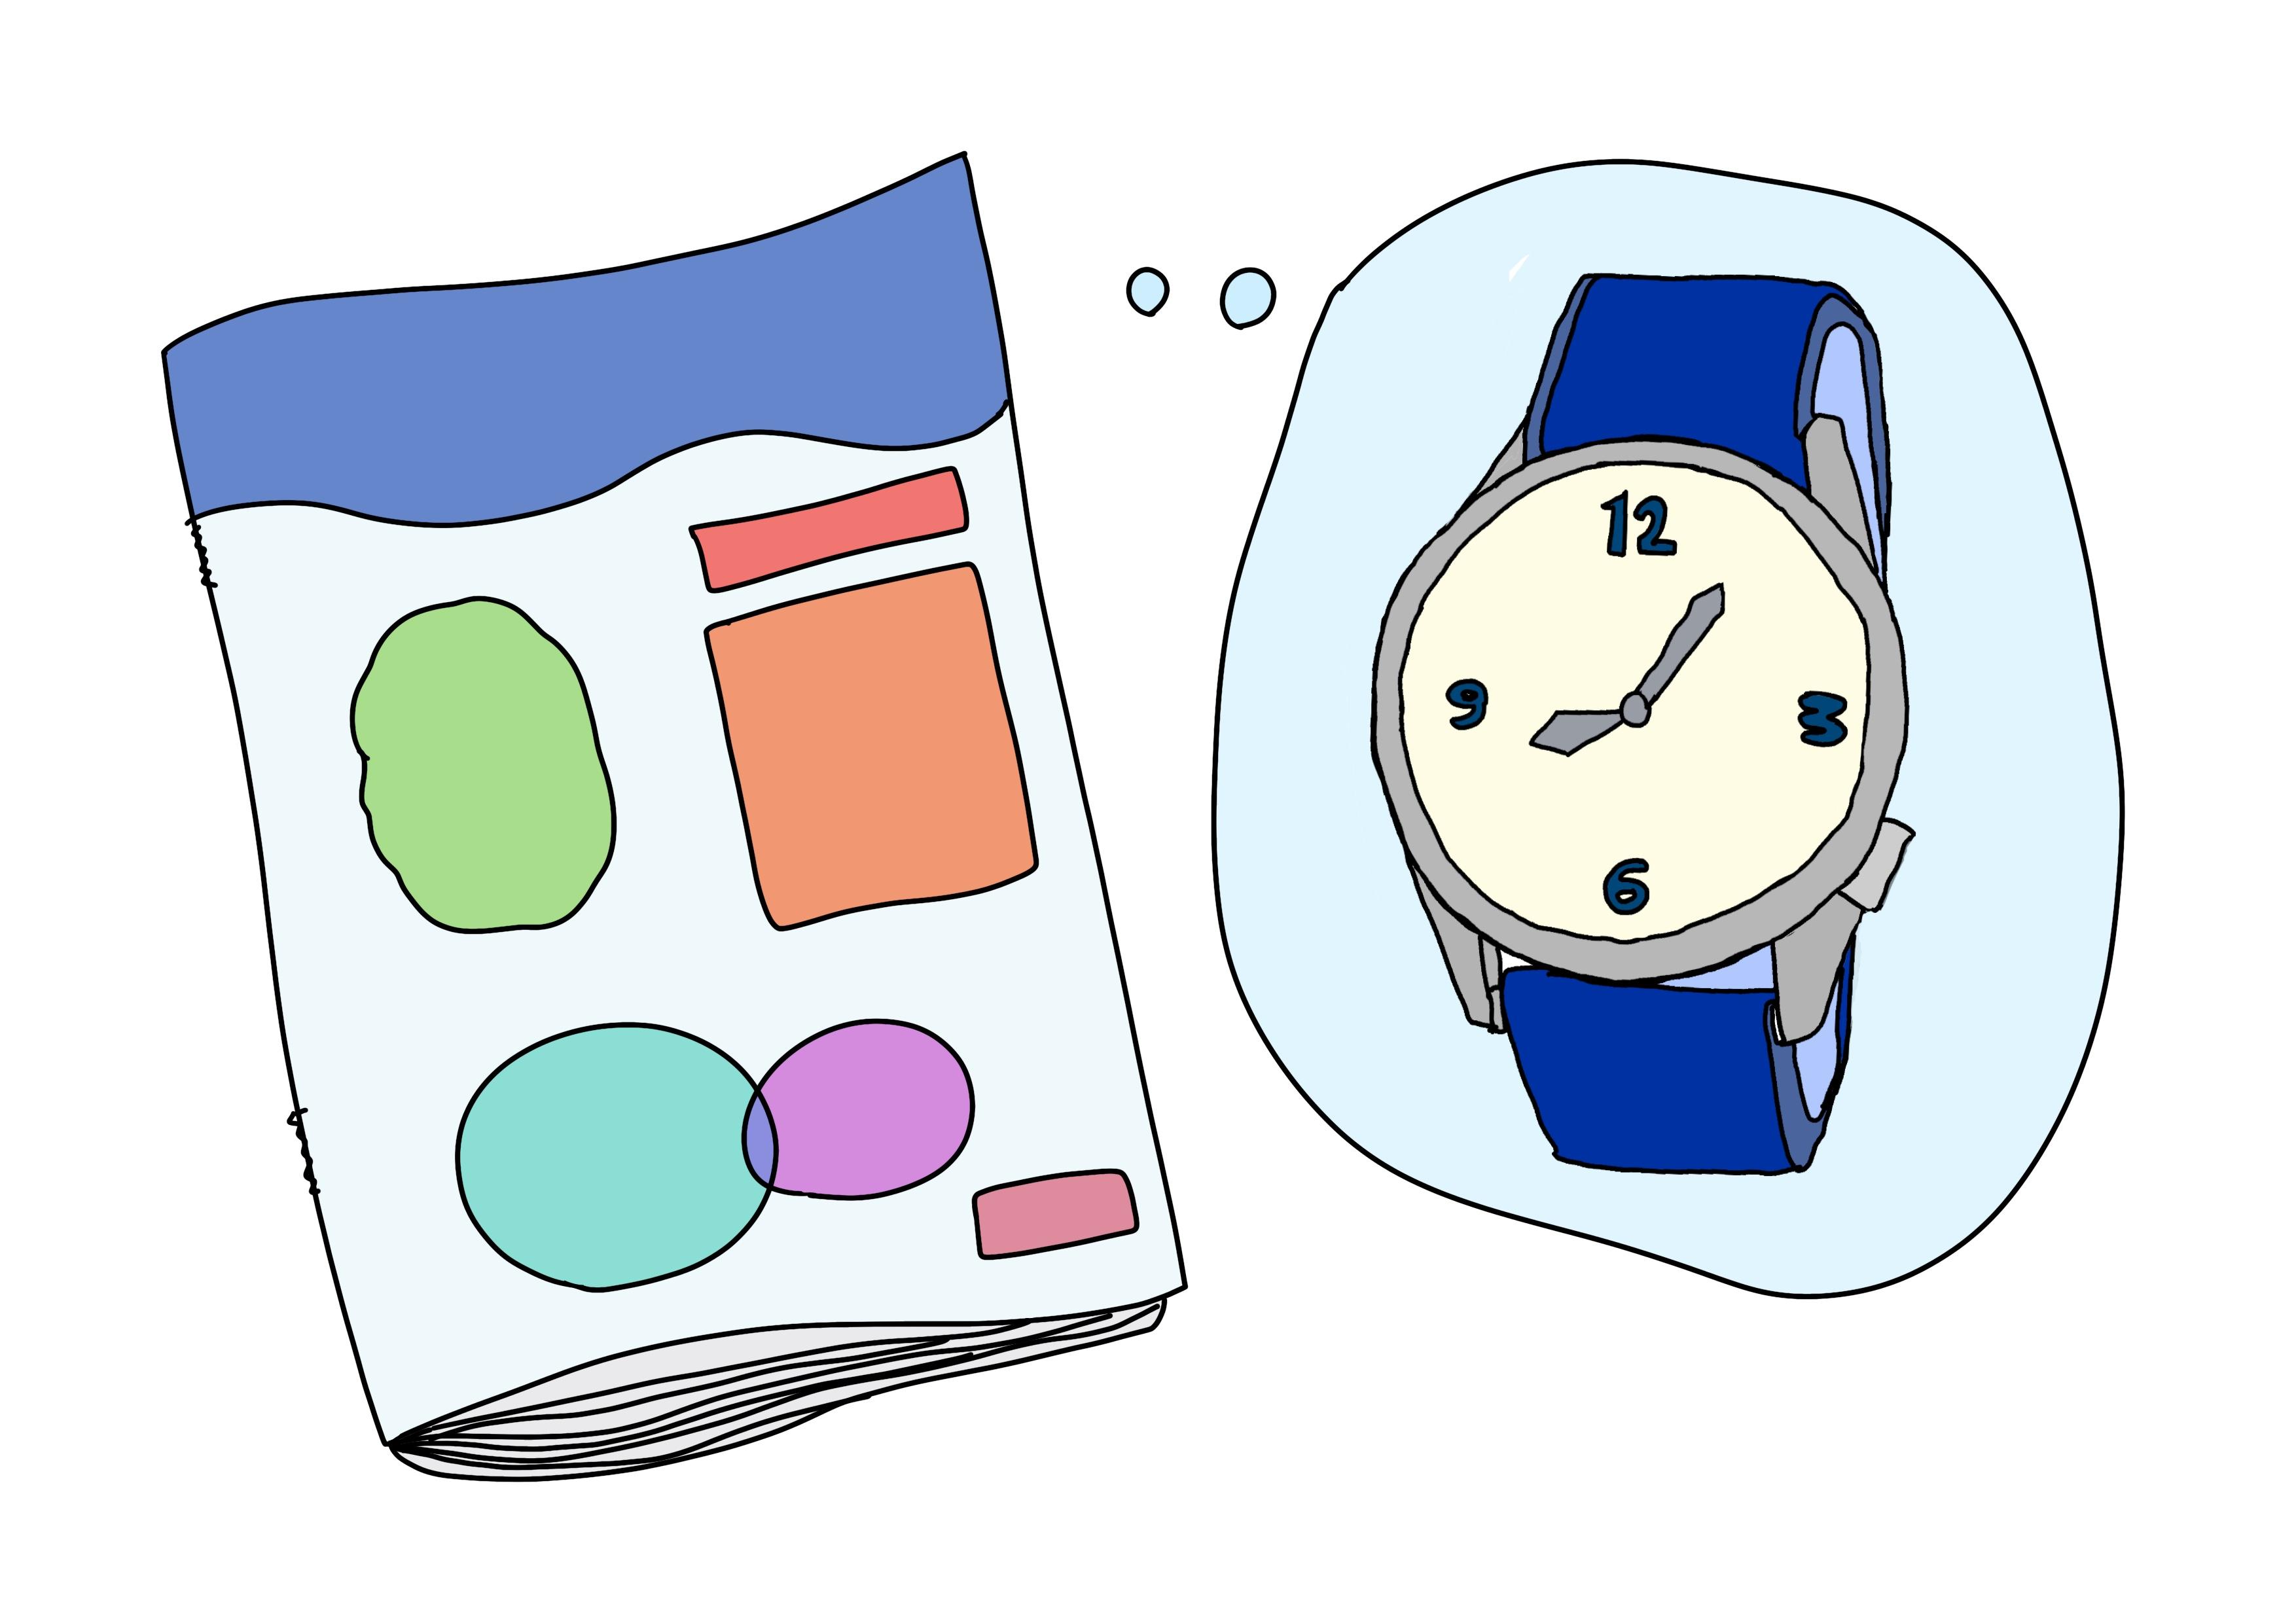 2課イラスト【時計の雑誌】